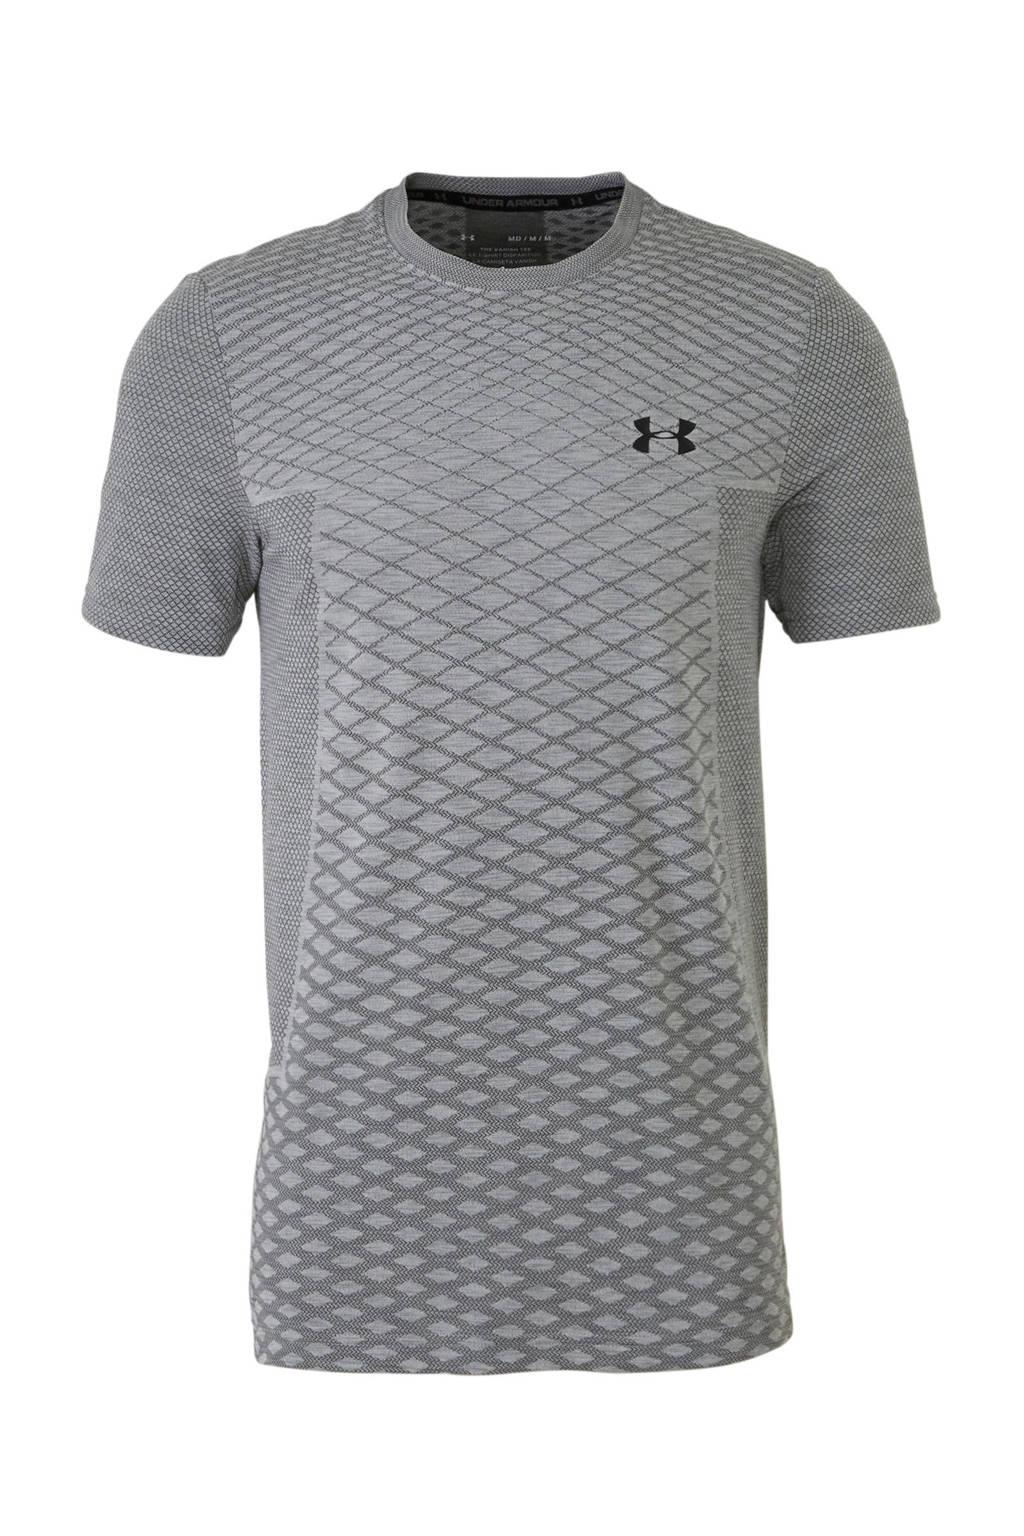 Under Armour   sport T-shirt groen/zwart, Grijs